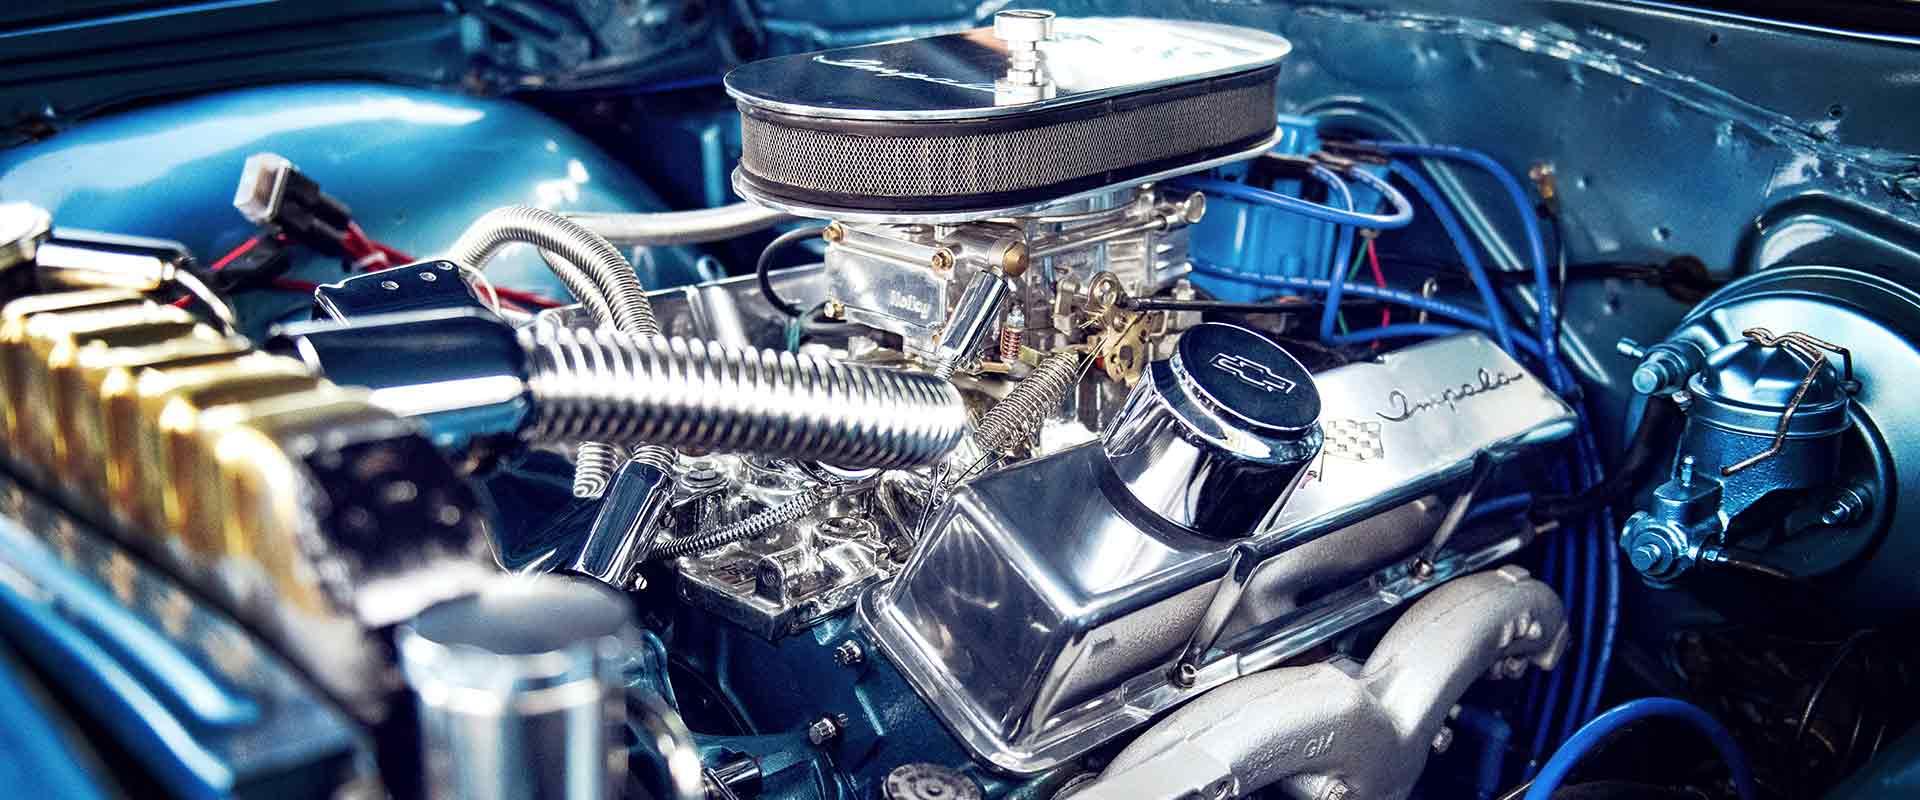 Motorraumreinigung mit Dampf